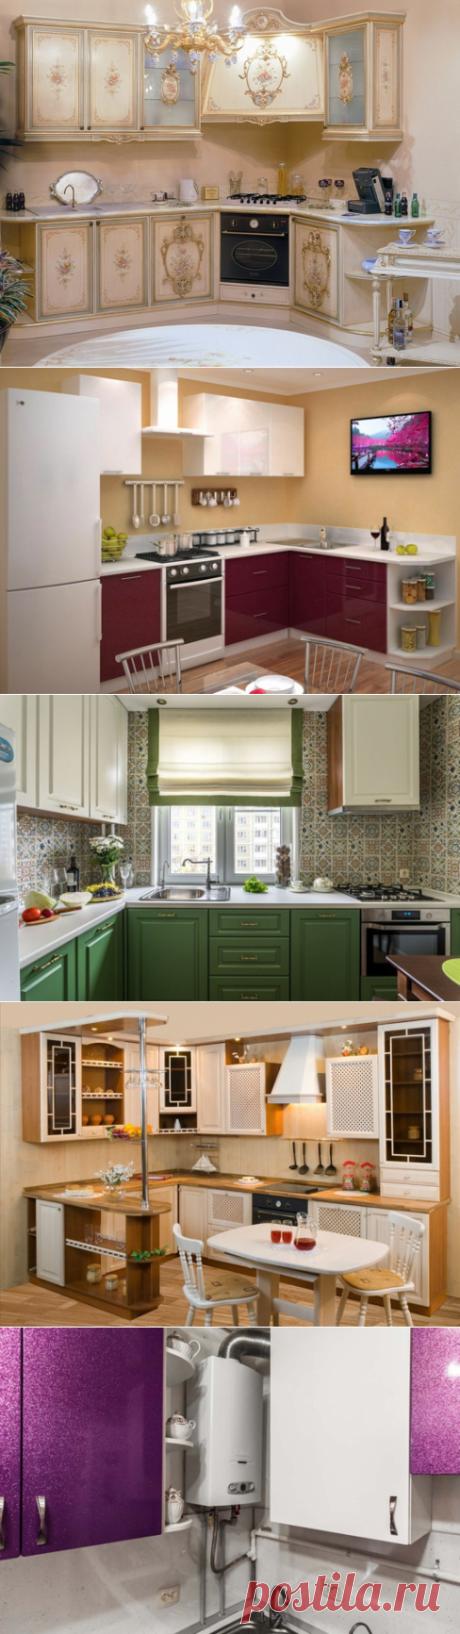 Дизайн кухни 8 кв м современные идеи дизайна в типовой квартире планировка кухни с холодильником